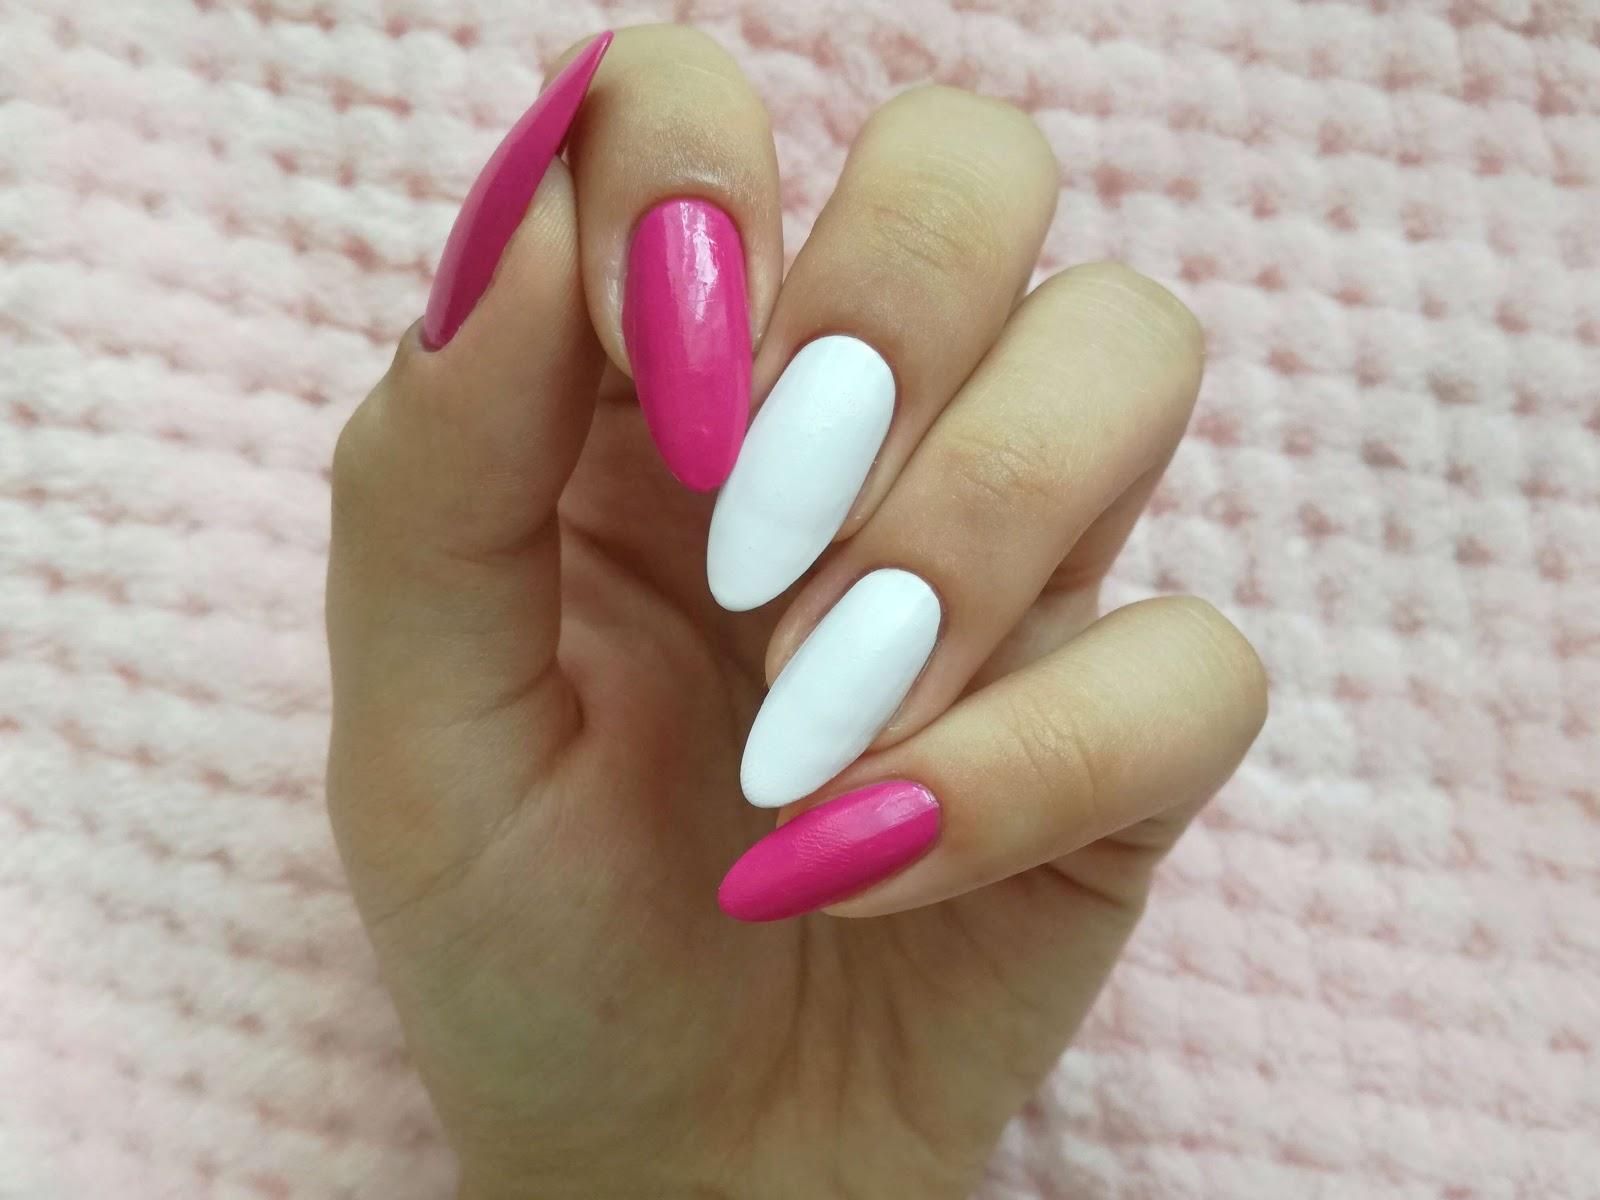 paznokcie różowe i białe